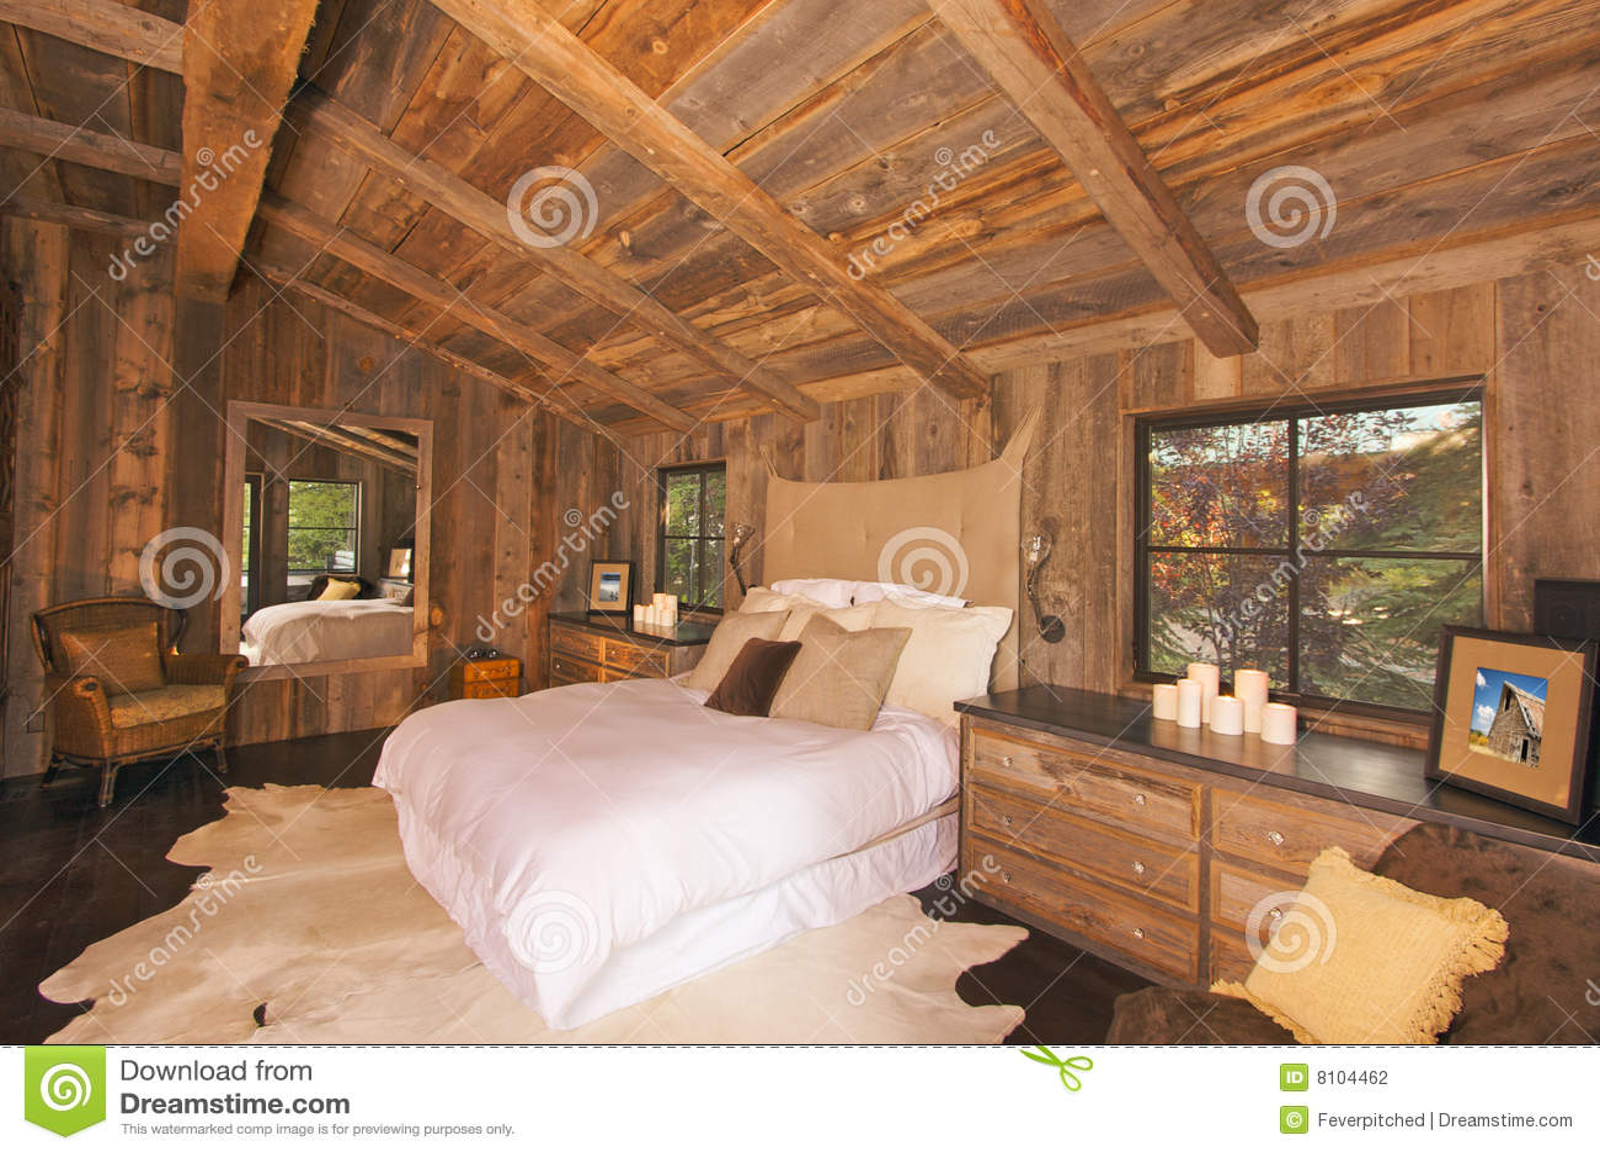 Landelijke Rustieke Slaapkamer : De luxueuze rustieke slaapkamer van het blokhuis stock foto